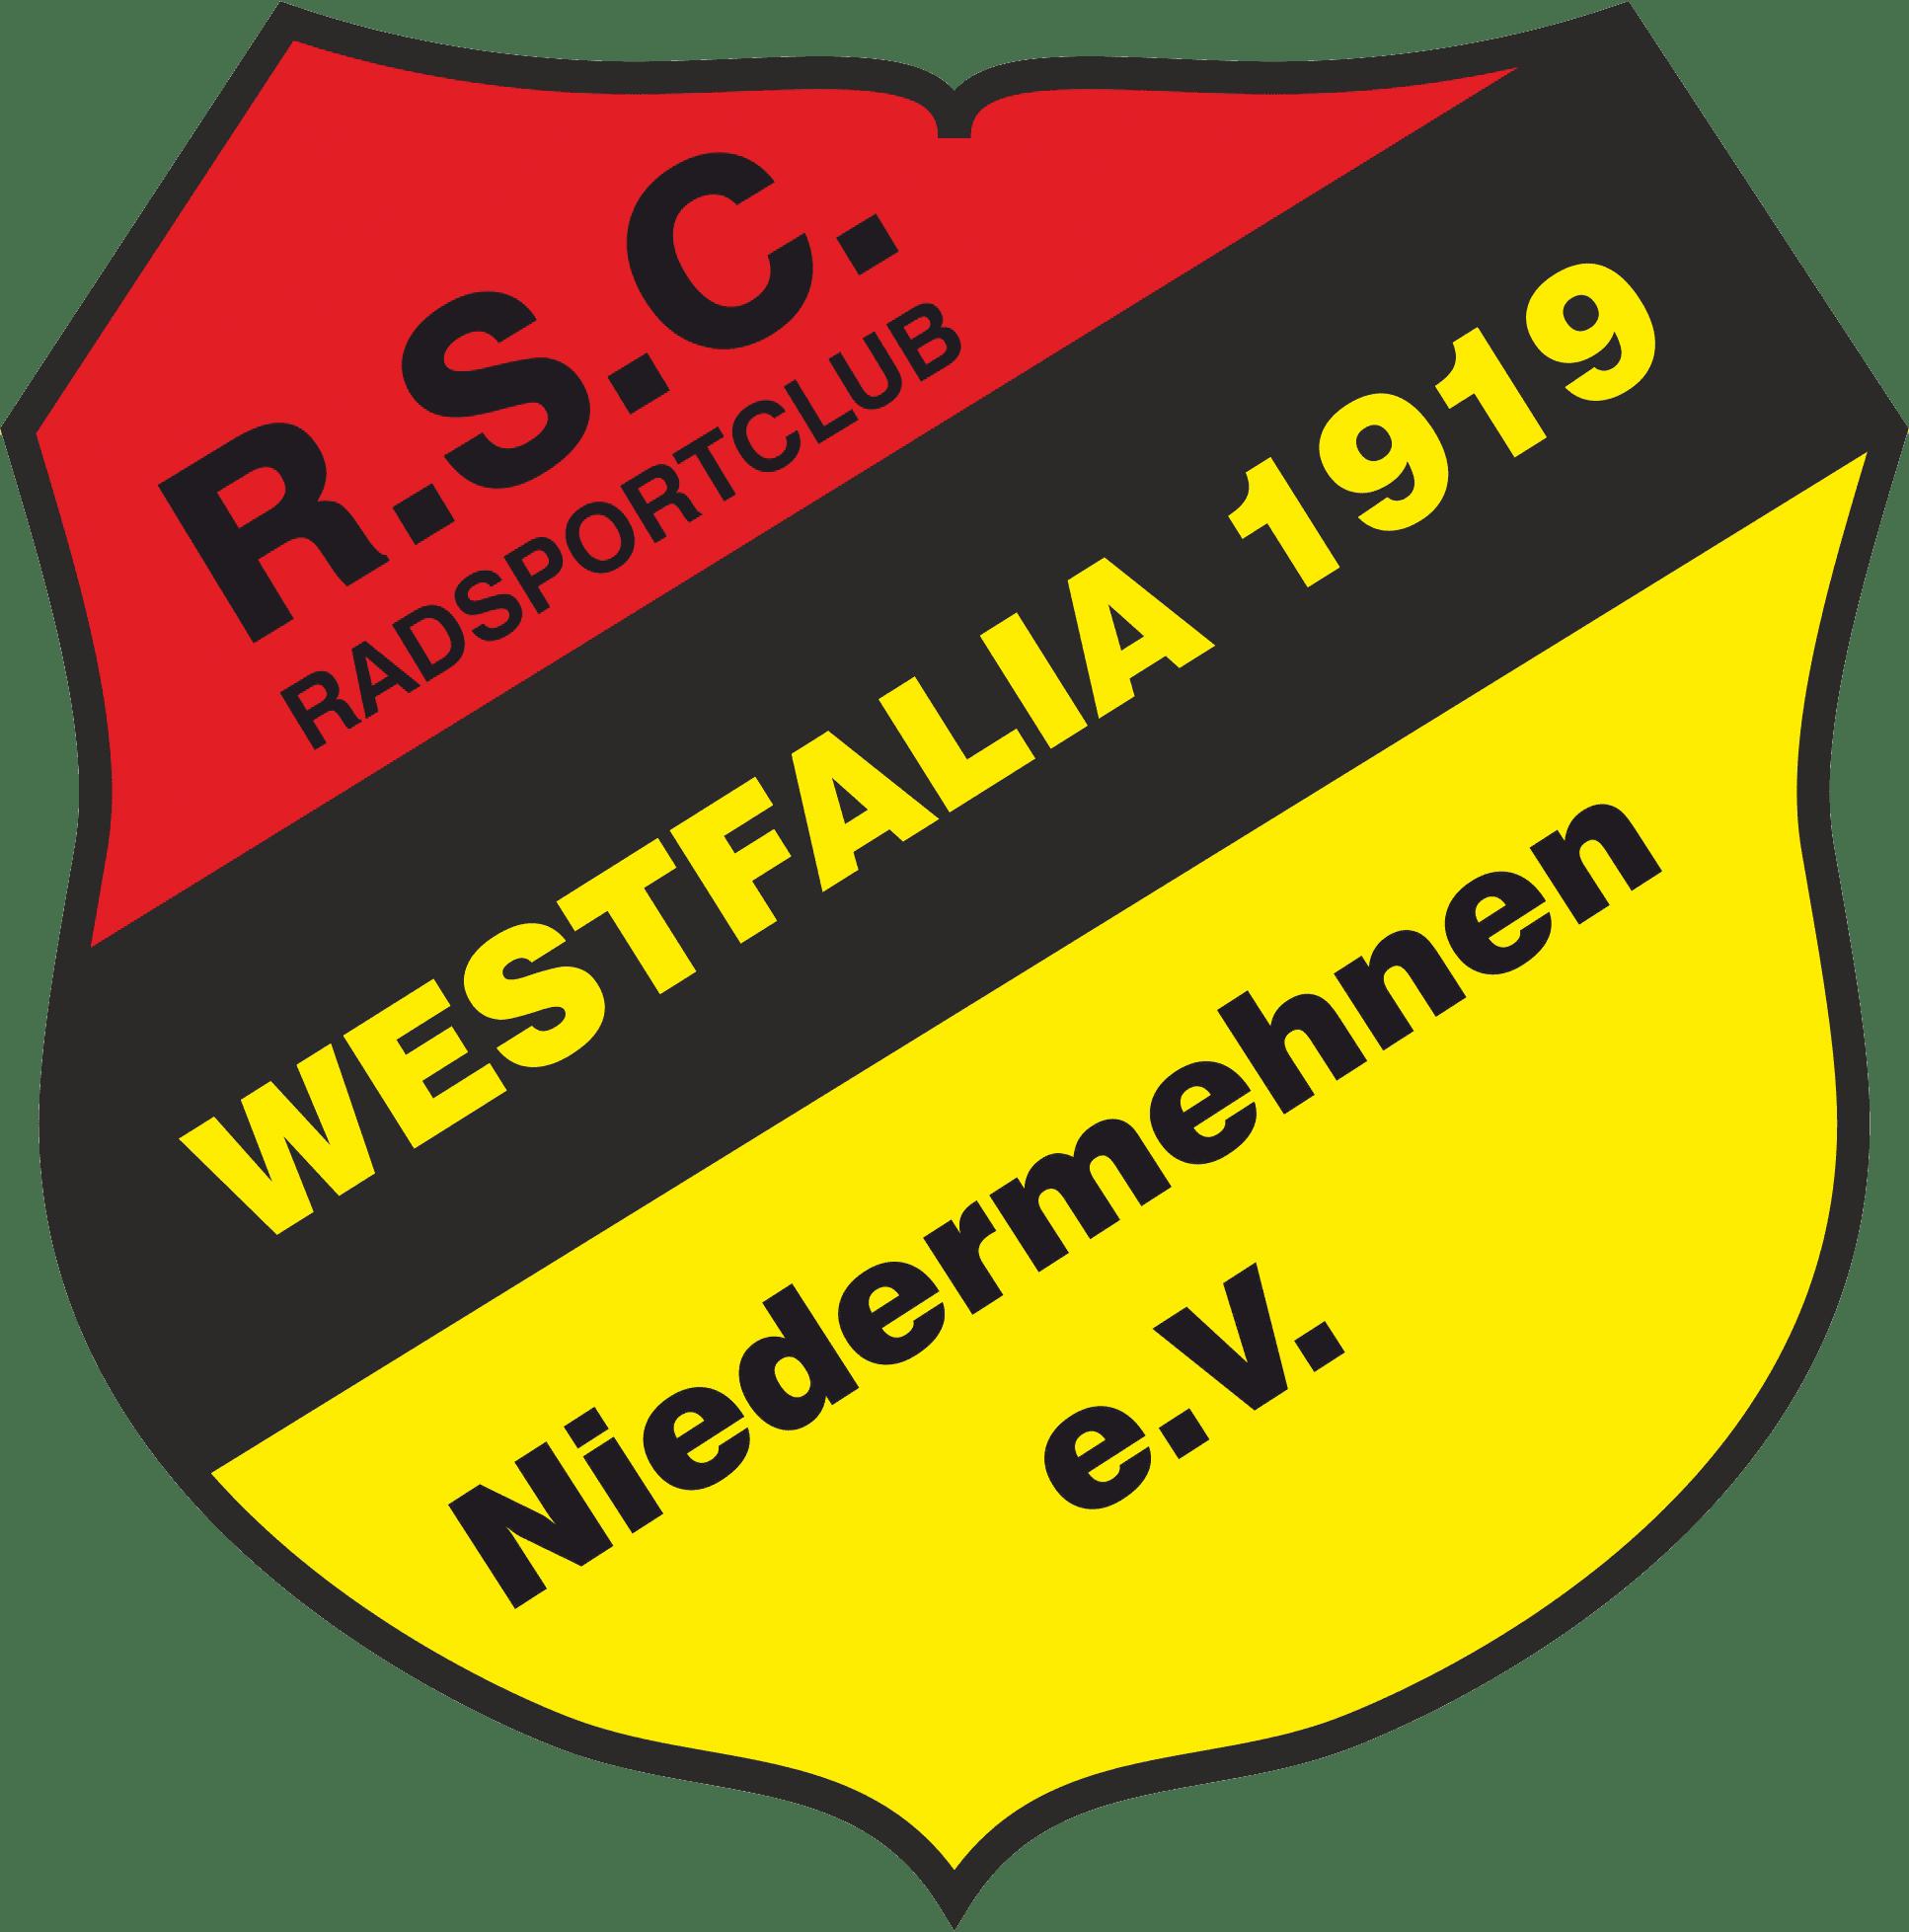 RSC Westfalia 1919 Niedermehnen e.V.